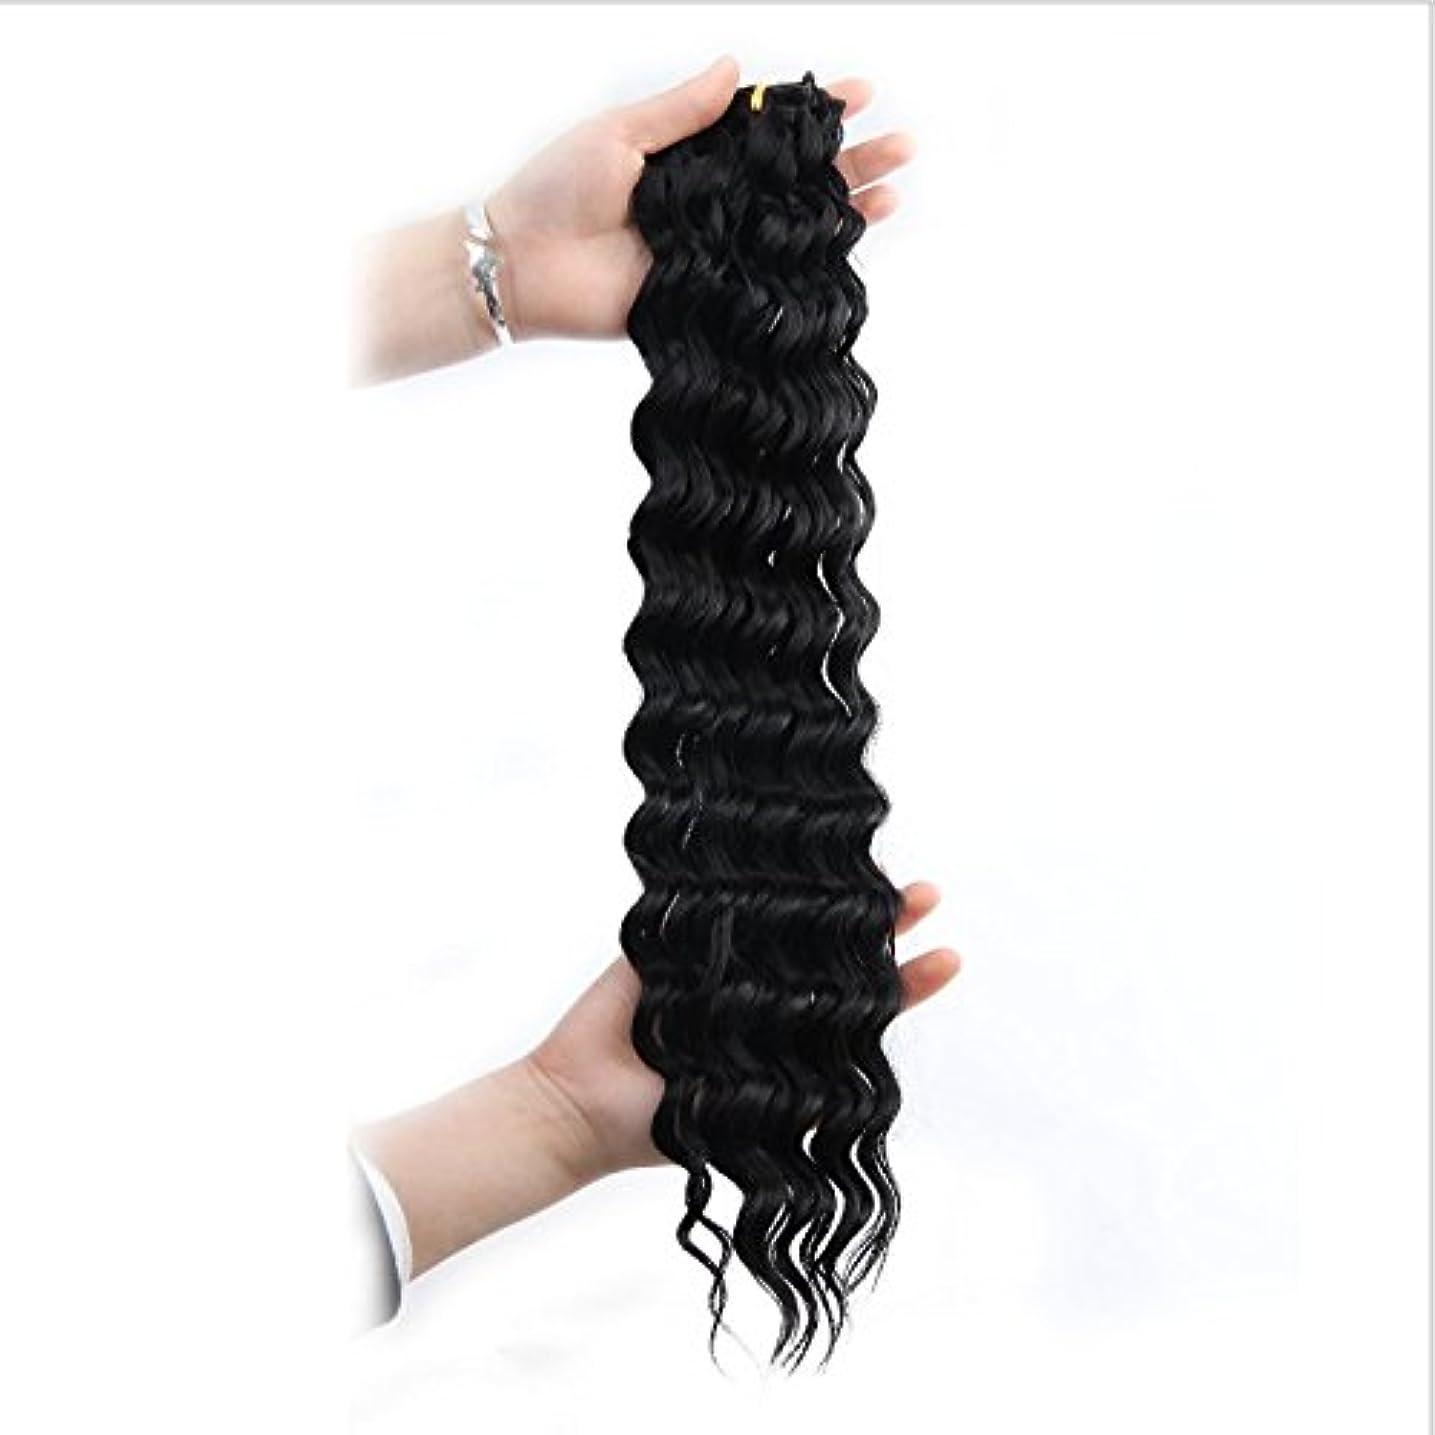 メトリックレトルトカナダKoloeplf 70g / 100gブラウンの女性のための高温マットワイヤカーリーウィッグヘアカーテン18インチのロールヘアエクステンションに10インチのナチュラルブラックウィッグ (サイズ : 18inch(70g))